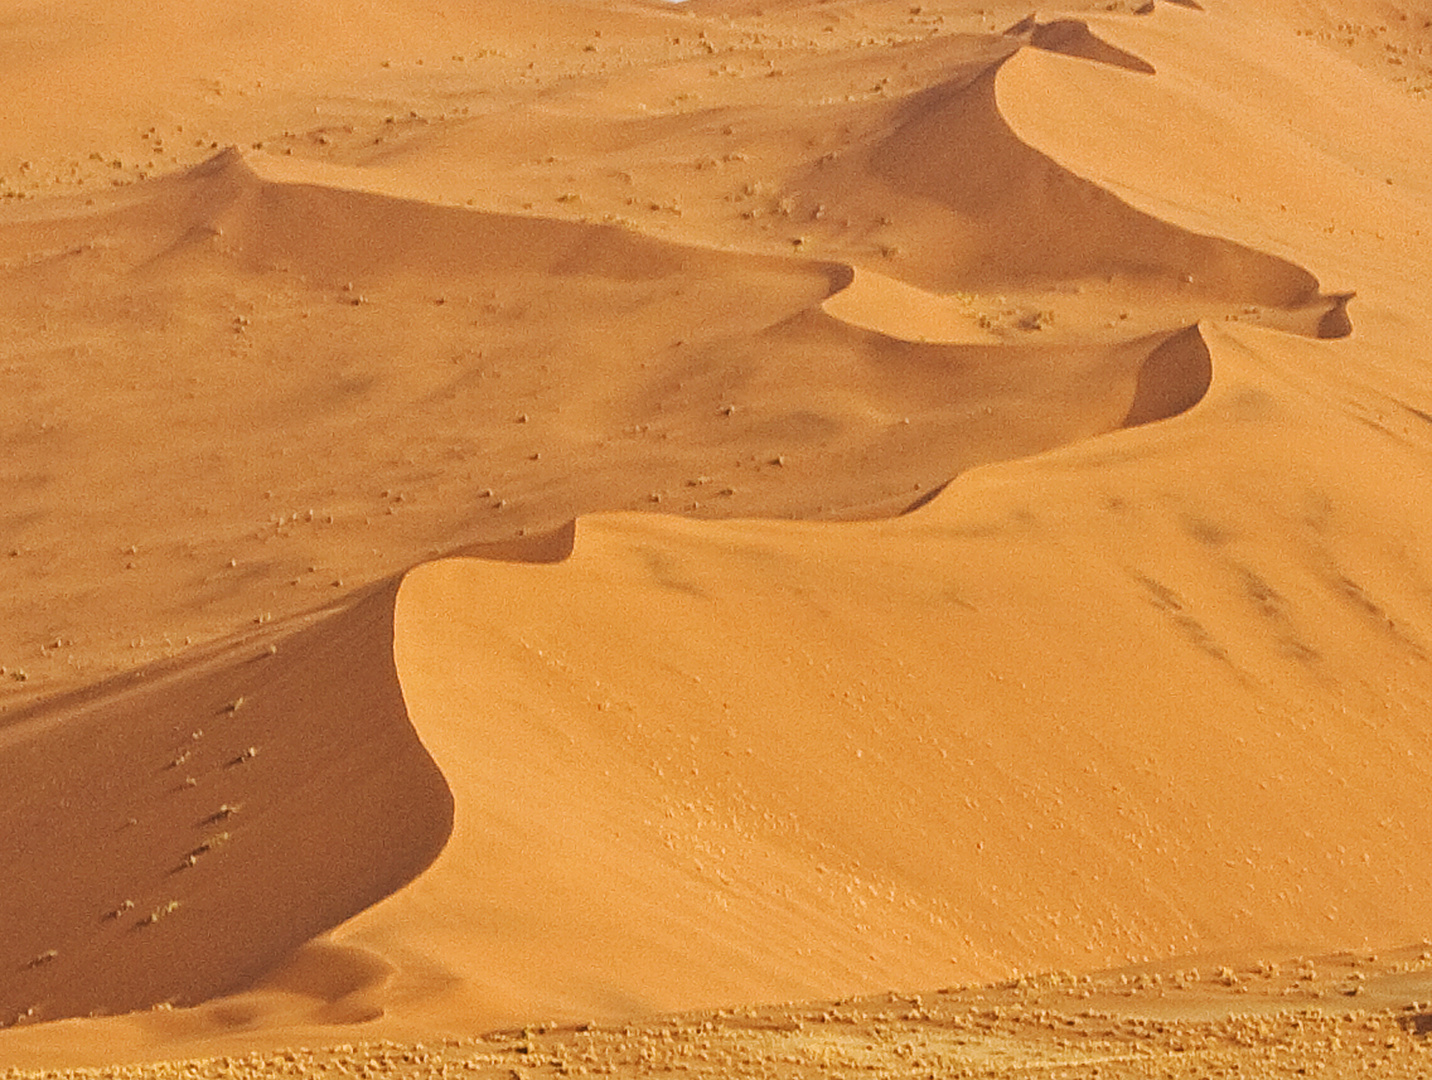 Wüste Namib 2